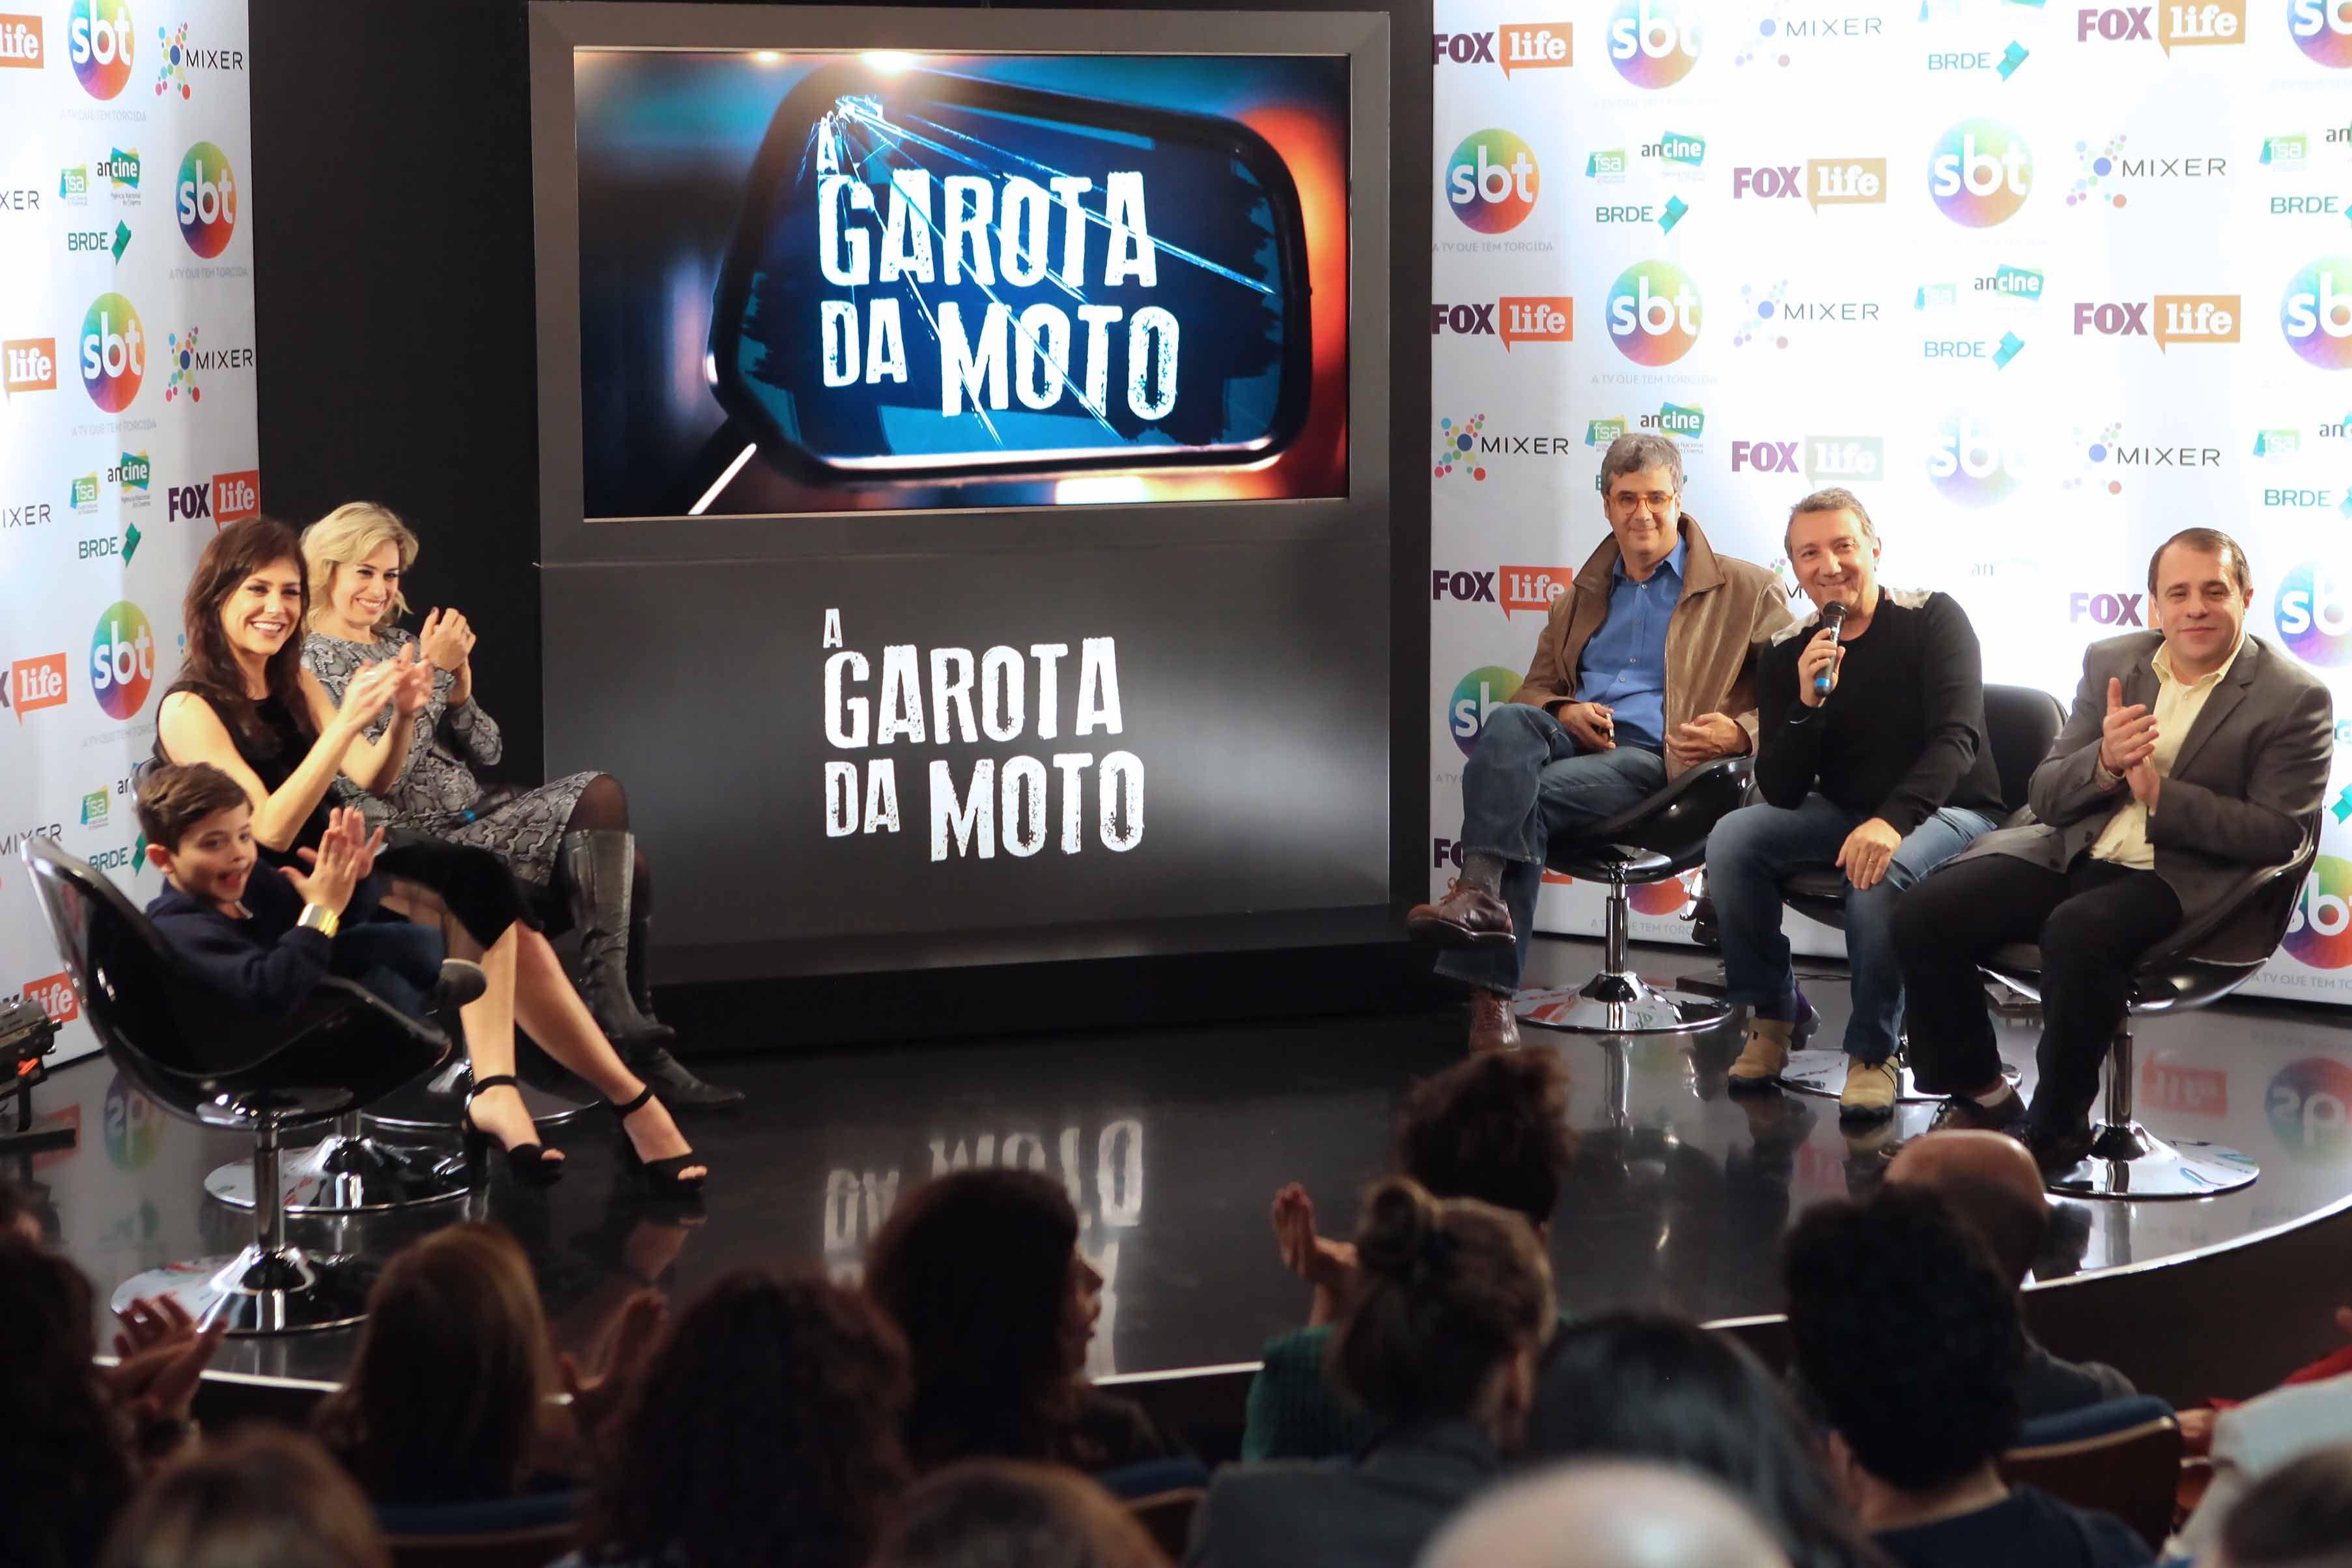 .: Tudo sobre #AGarotadaMoto, que estreia no SBT e na FOX Life